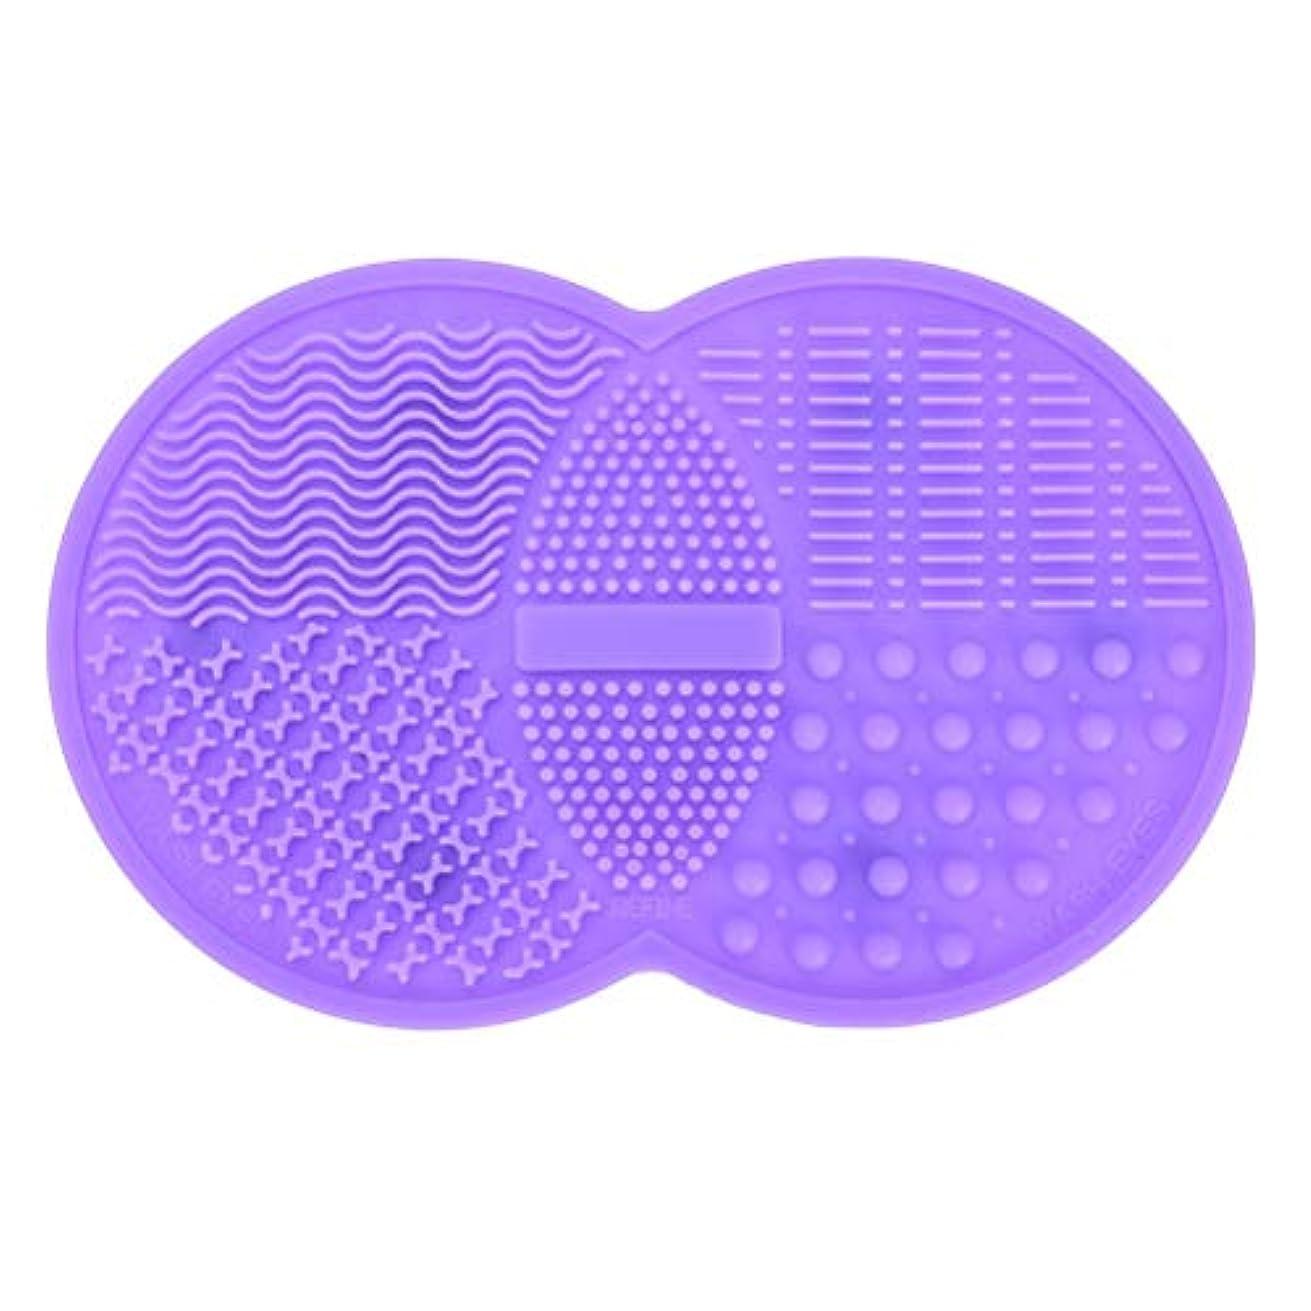 削除するプロフェッショナル国際Pichidr-JP メイクブラシ クリーナー シリコンマット化粧 洗浄 化粧筆 筆洗い(パープル)